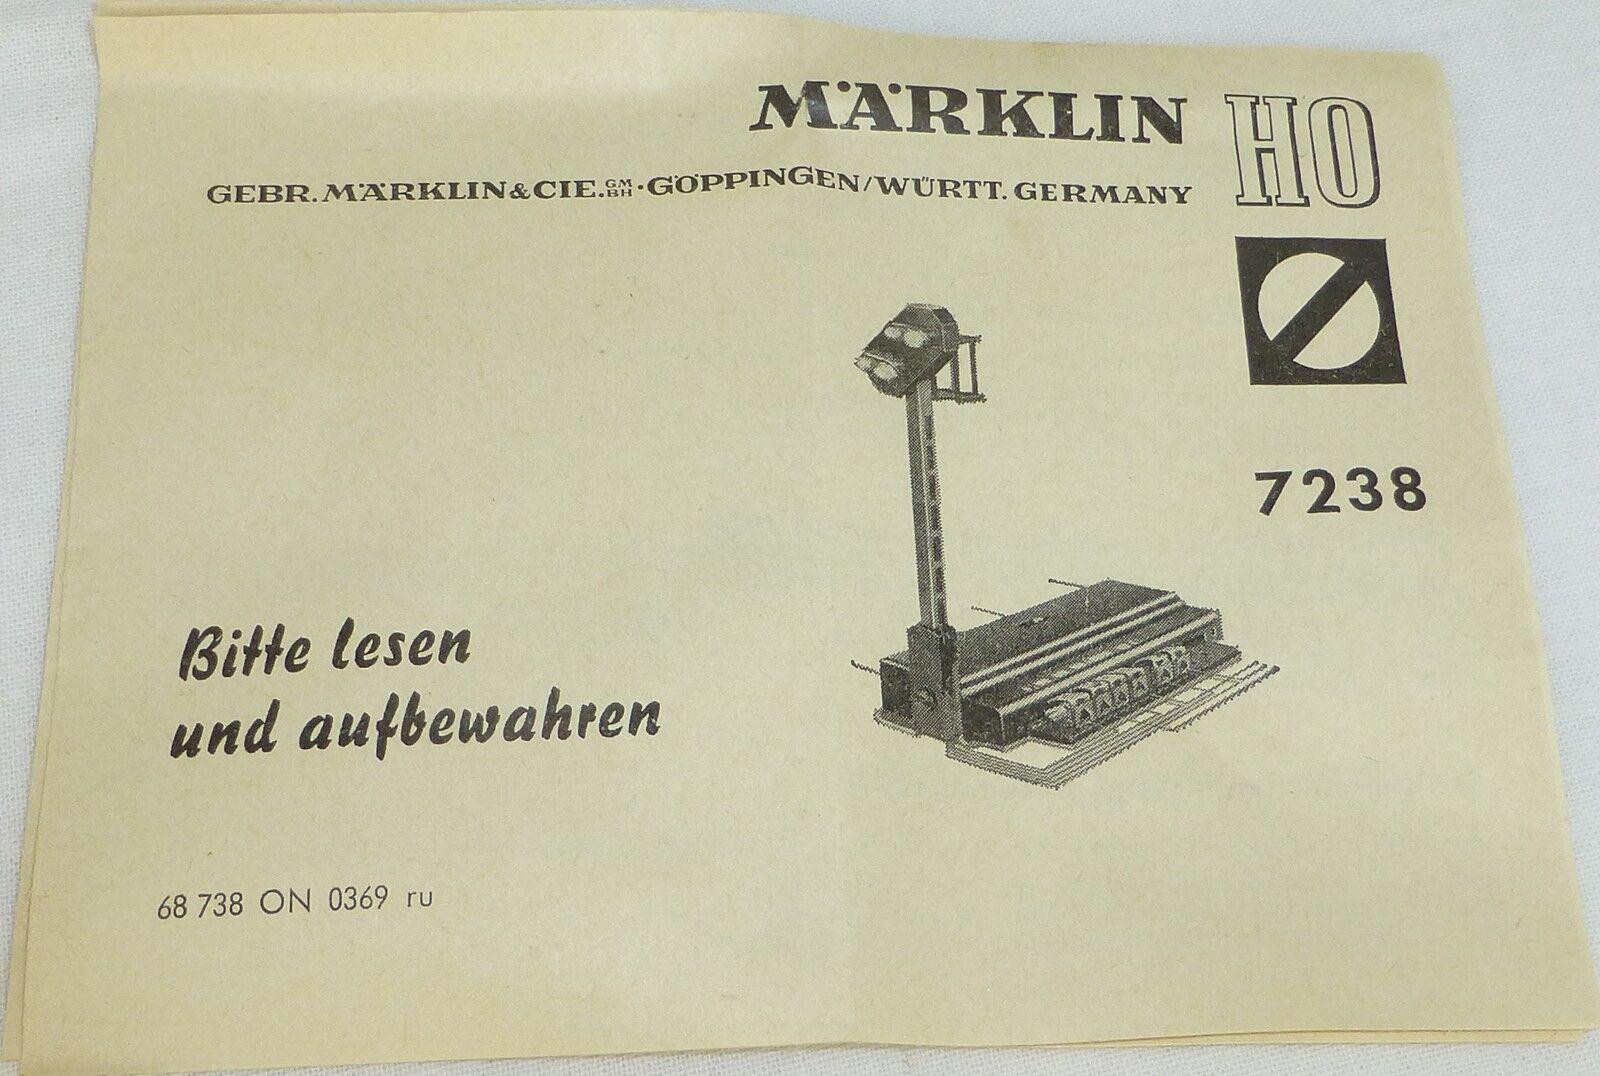 Märklin 7238  Anleitung 68 738 ON 0369 ru